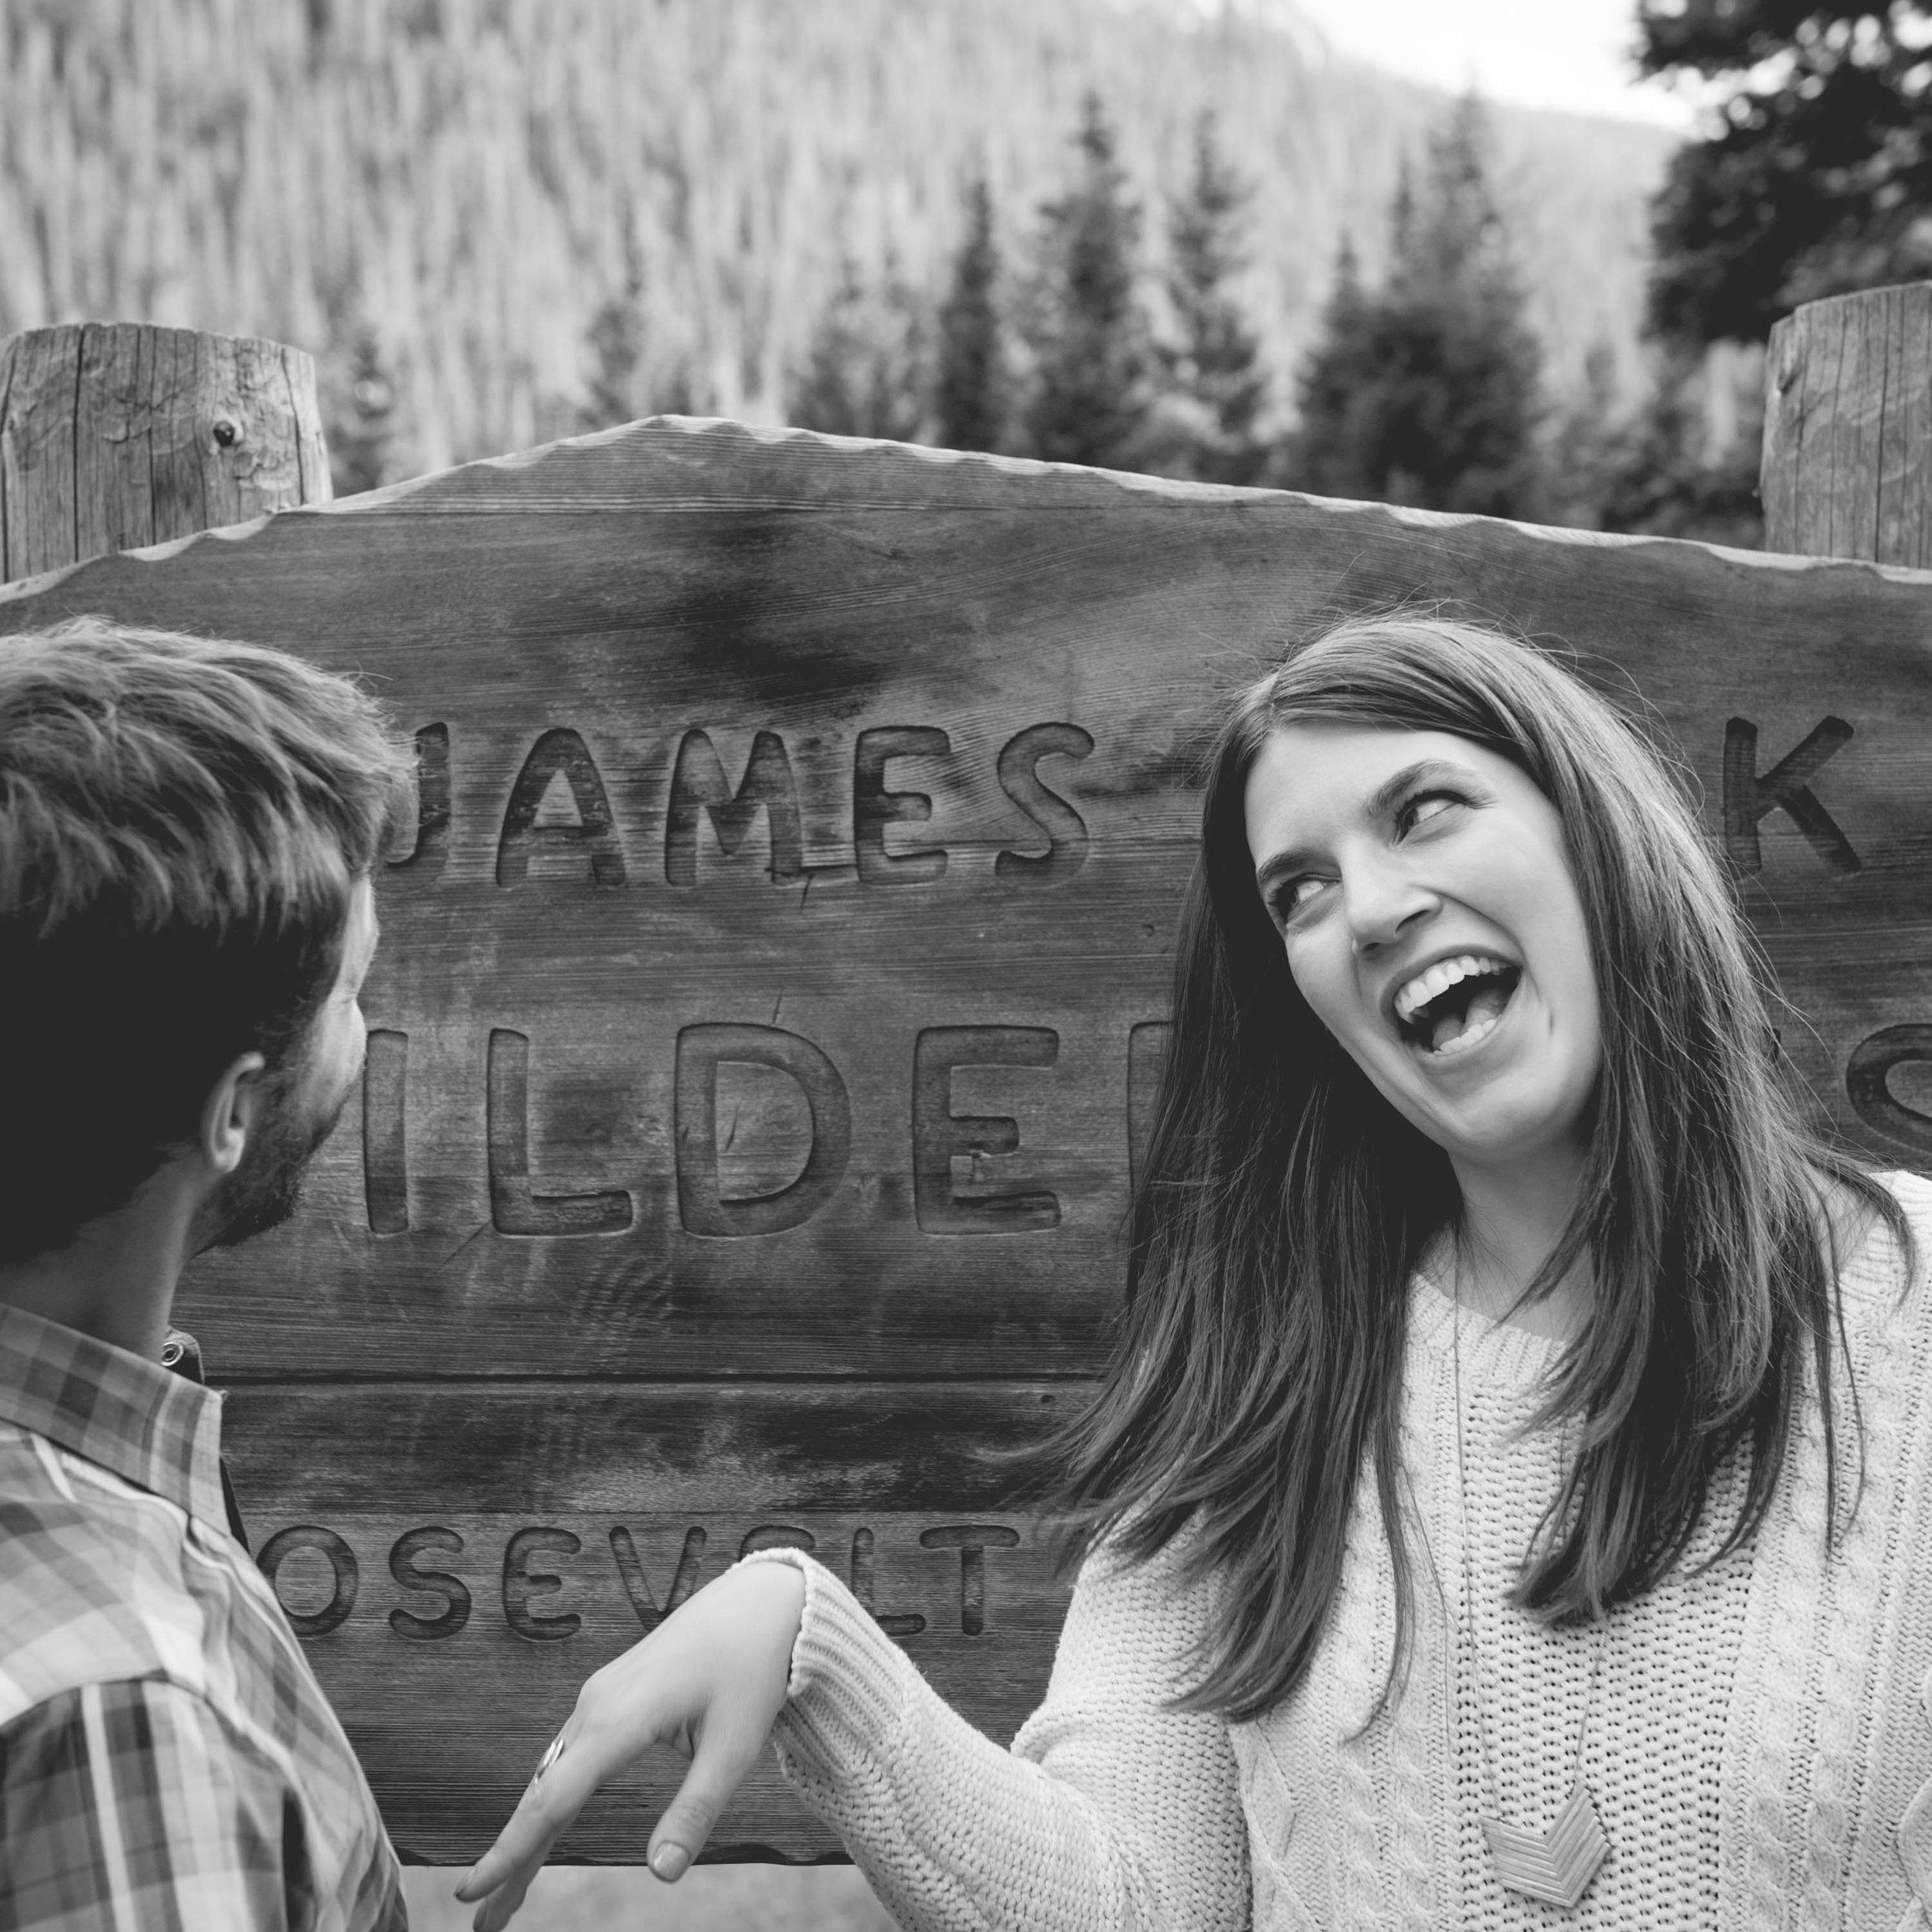 AMW-Engagement-MichelleAllen-JamesPeak-297.jpg